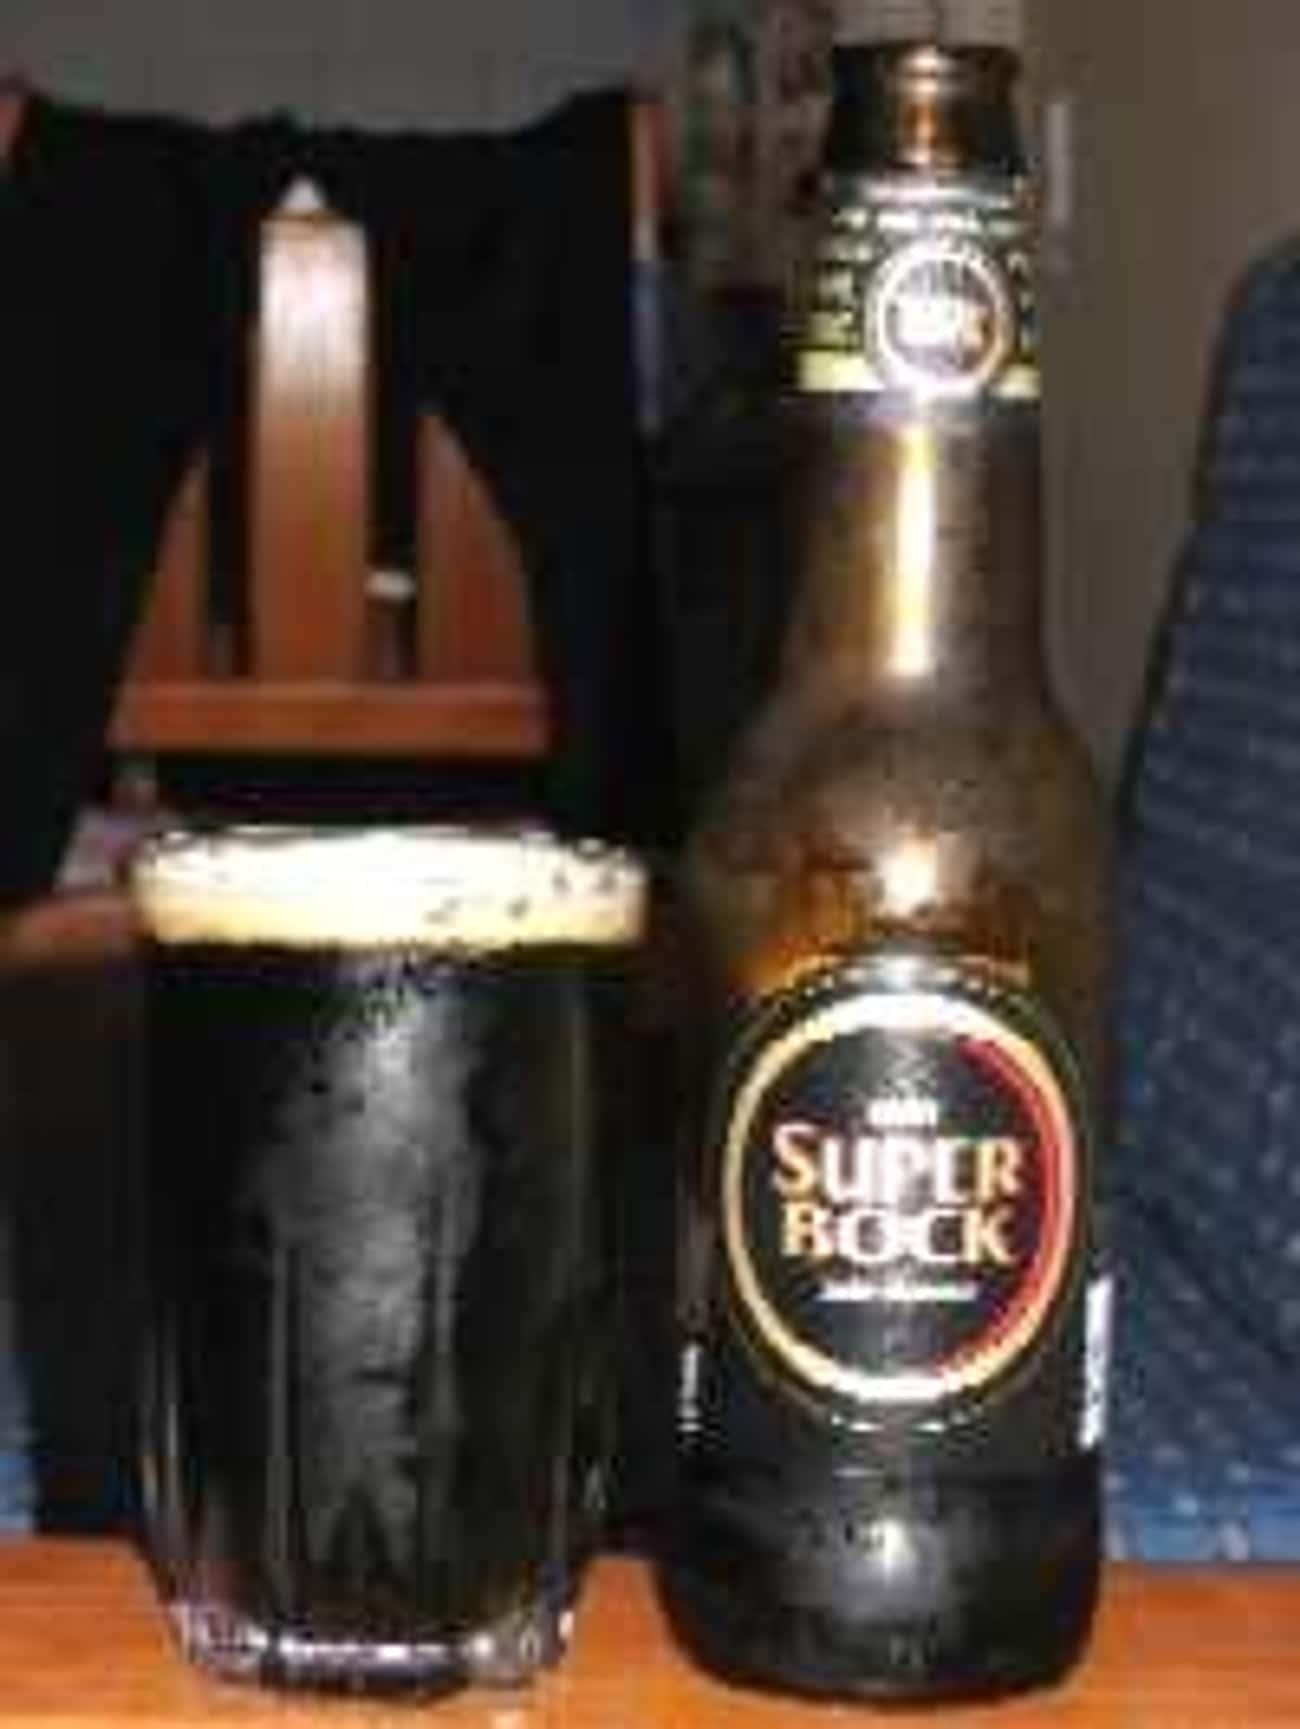 União Cervejeira (Unicer) Super Bock Stout